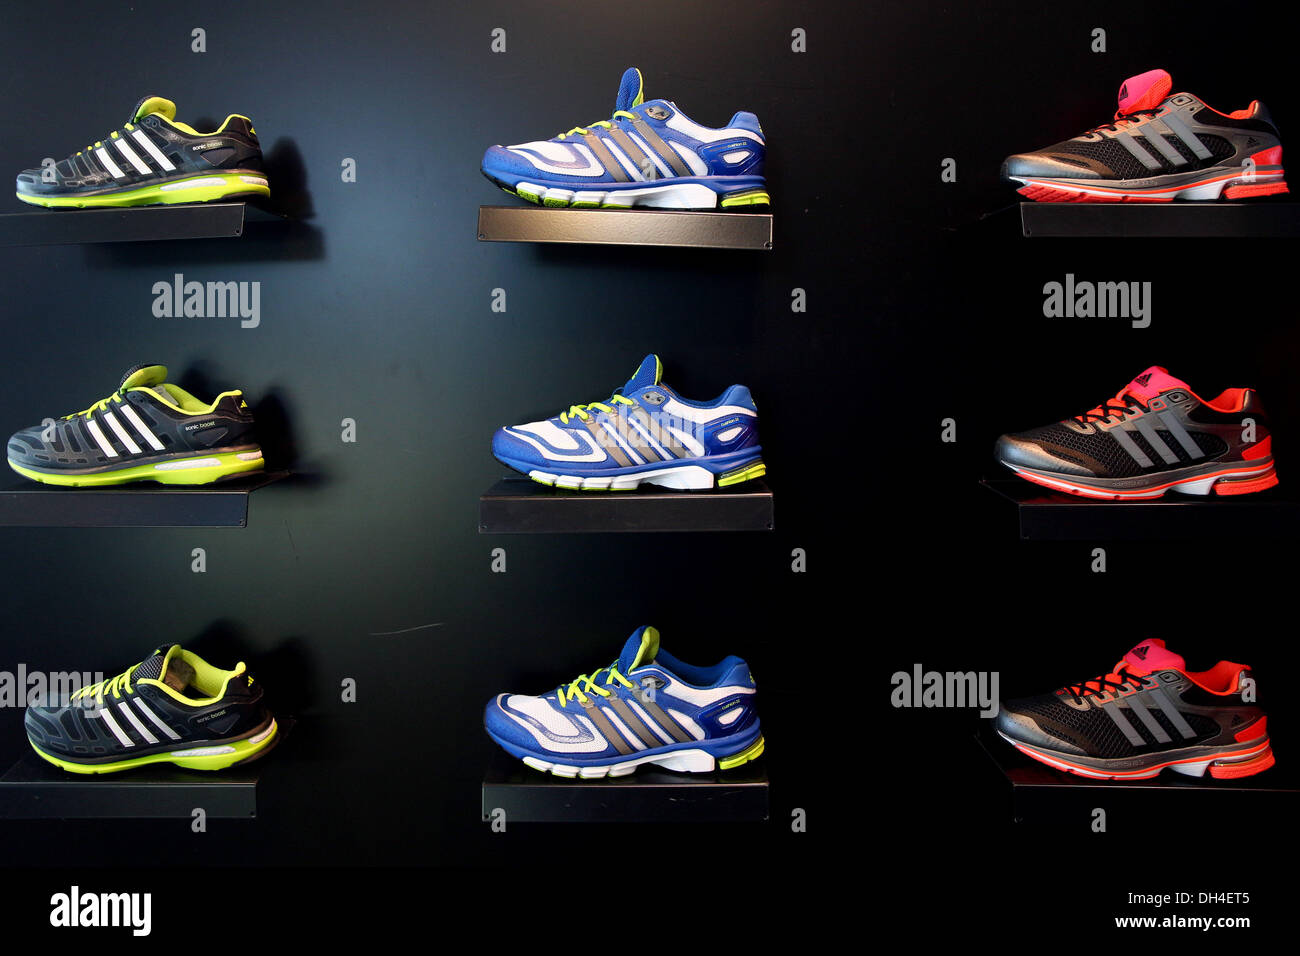 f85c5348852d Herzogenaurach, Deutschland. 30. Oktober 2013. Schuhe von Sportbekleidung  und Zubehör Firma Adidas